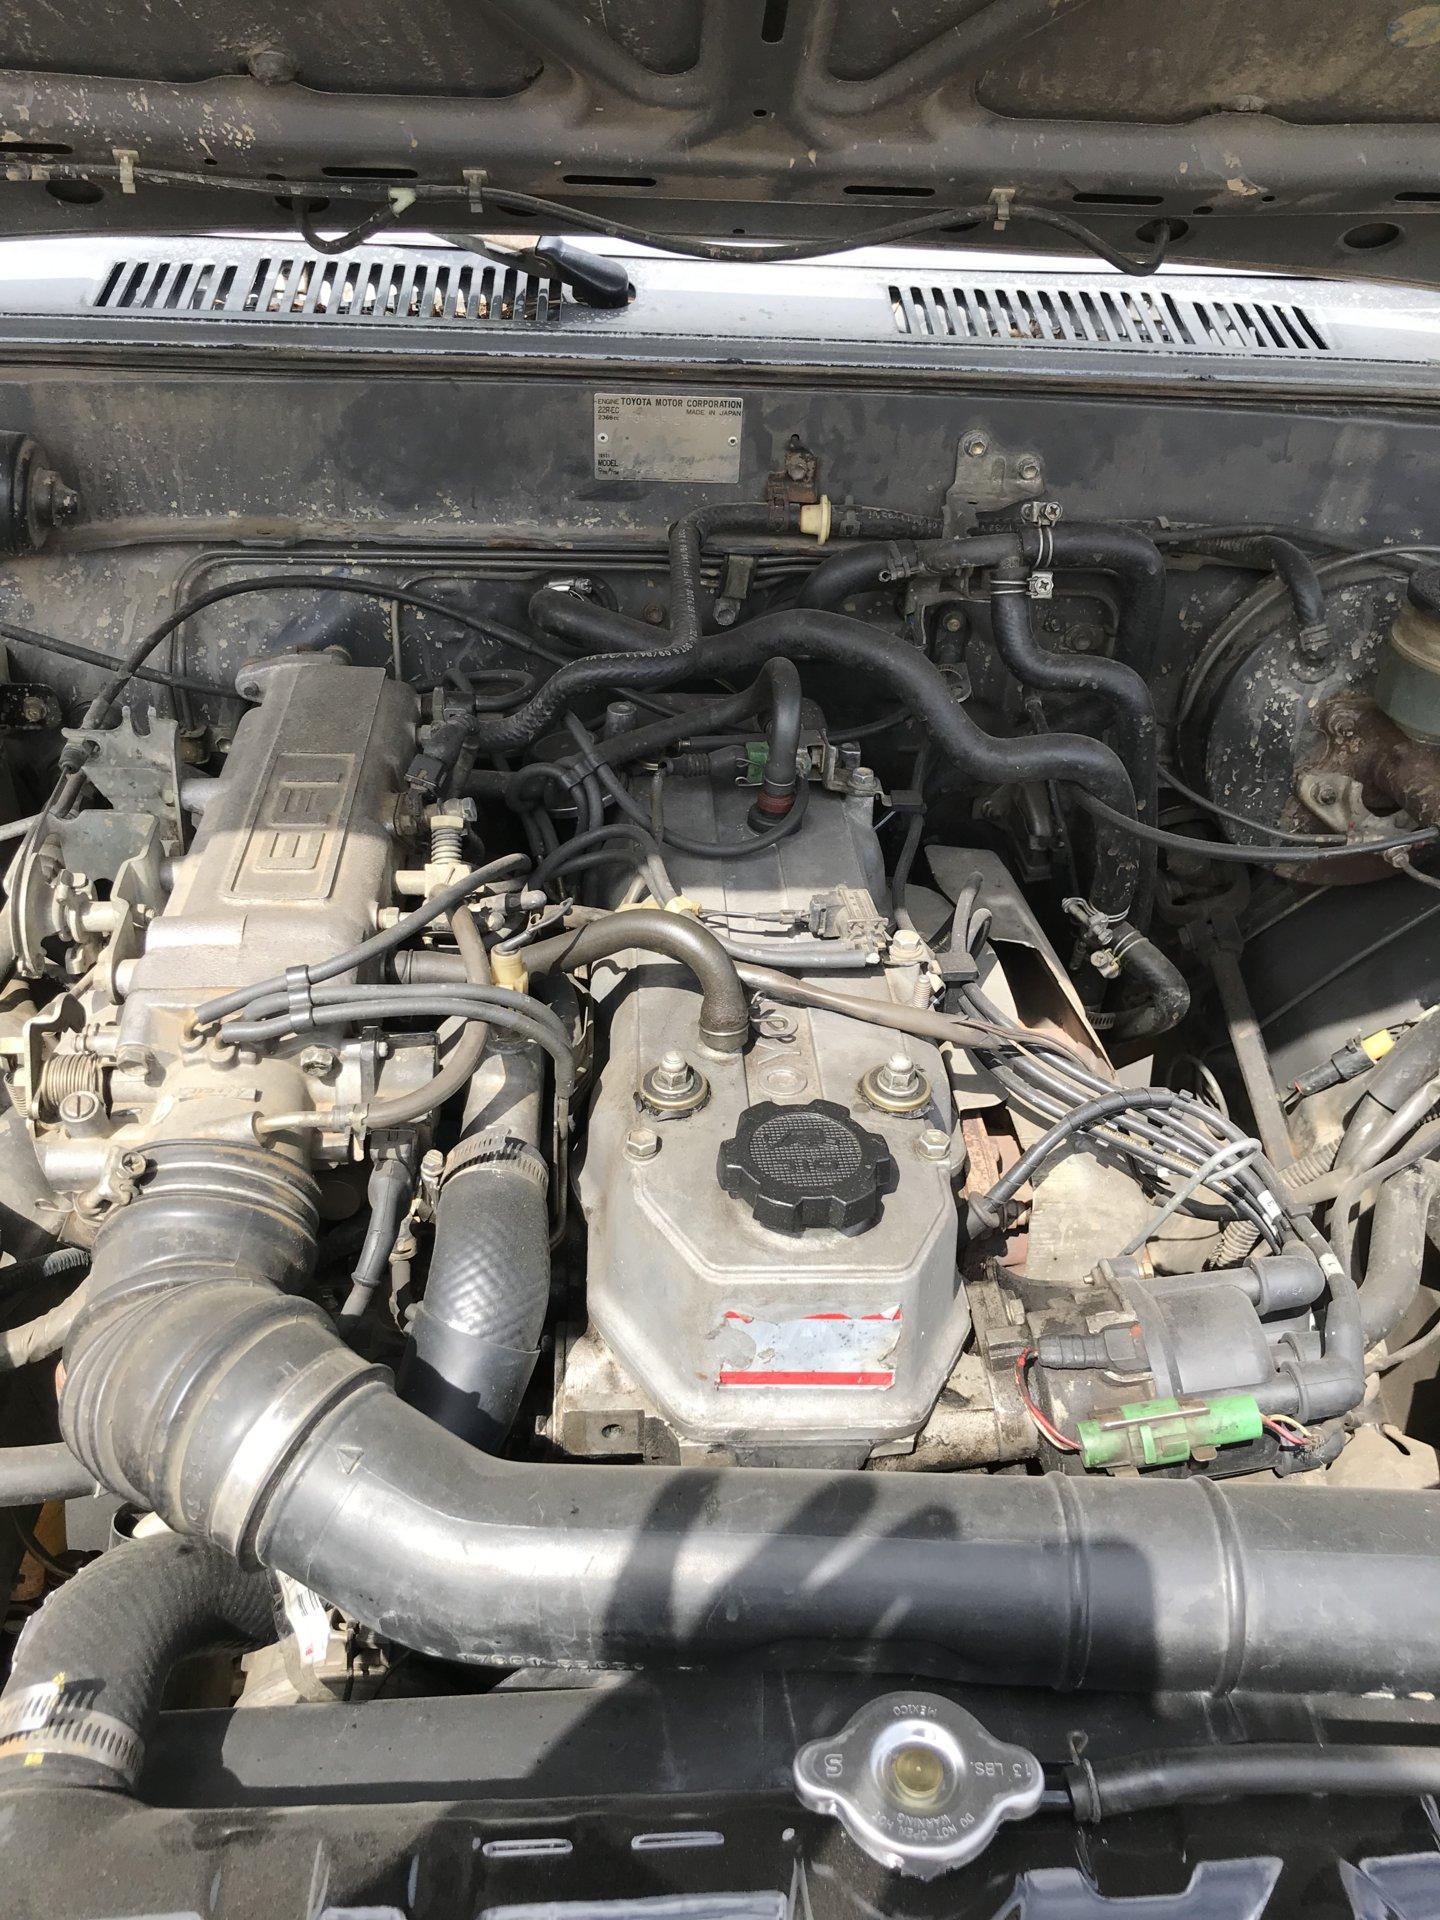 EF59A5F7-D591-4DE1-B899-BDC88EEC1830.jpeg